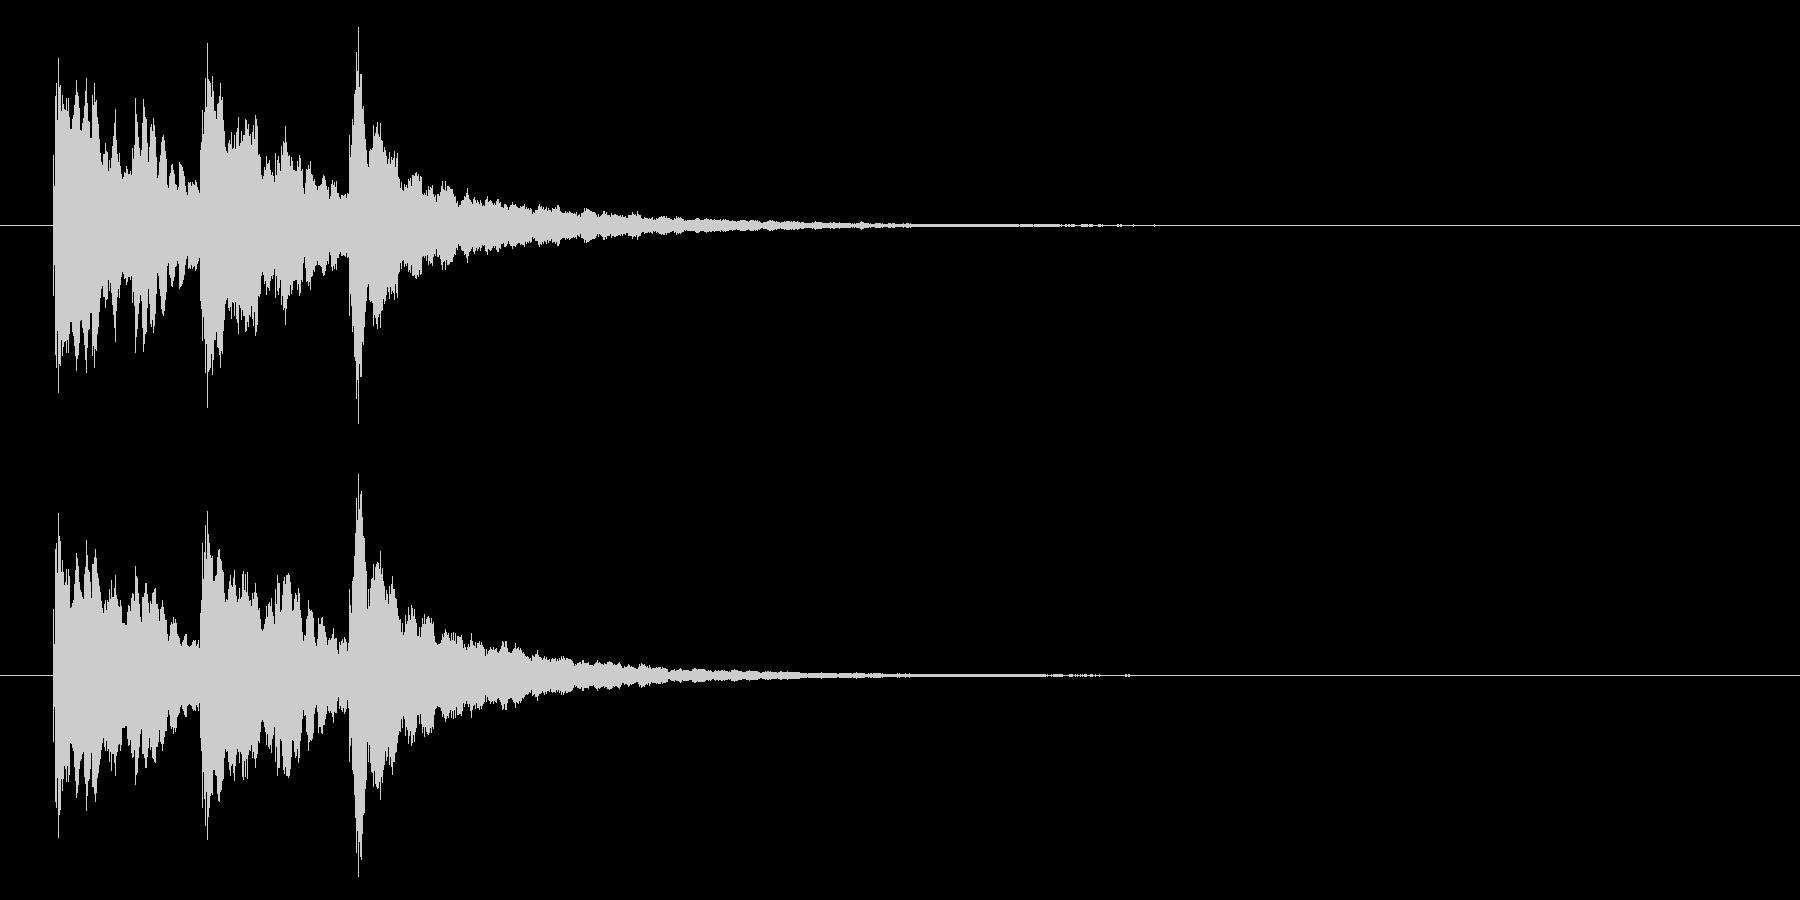 キラキラ系アイキャッチ2の未再生の波形